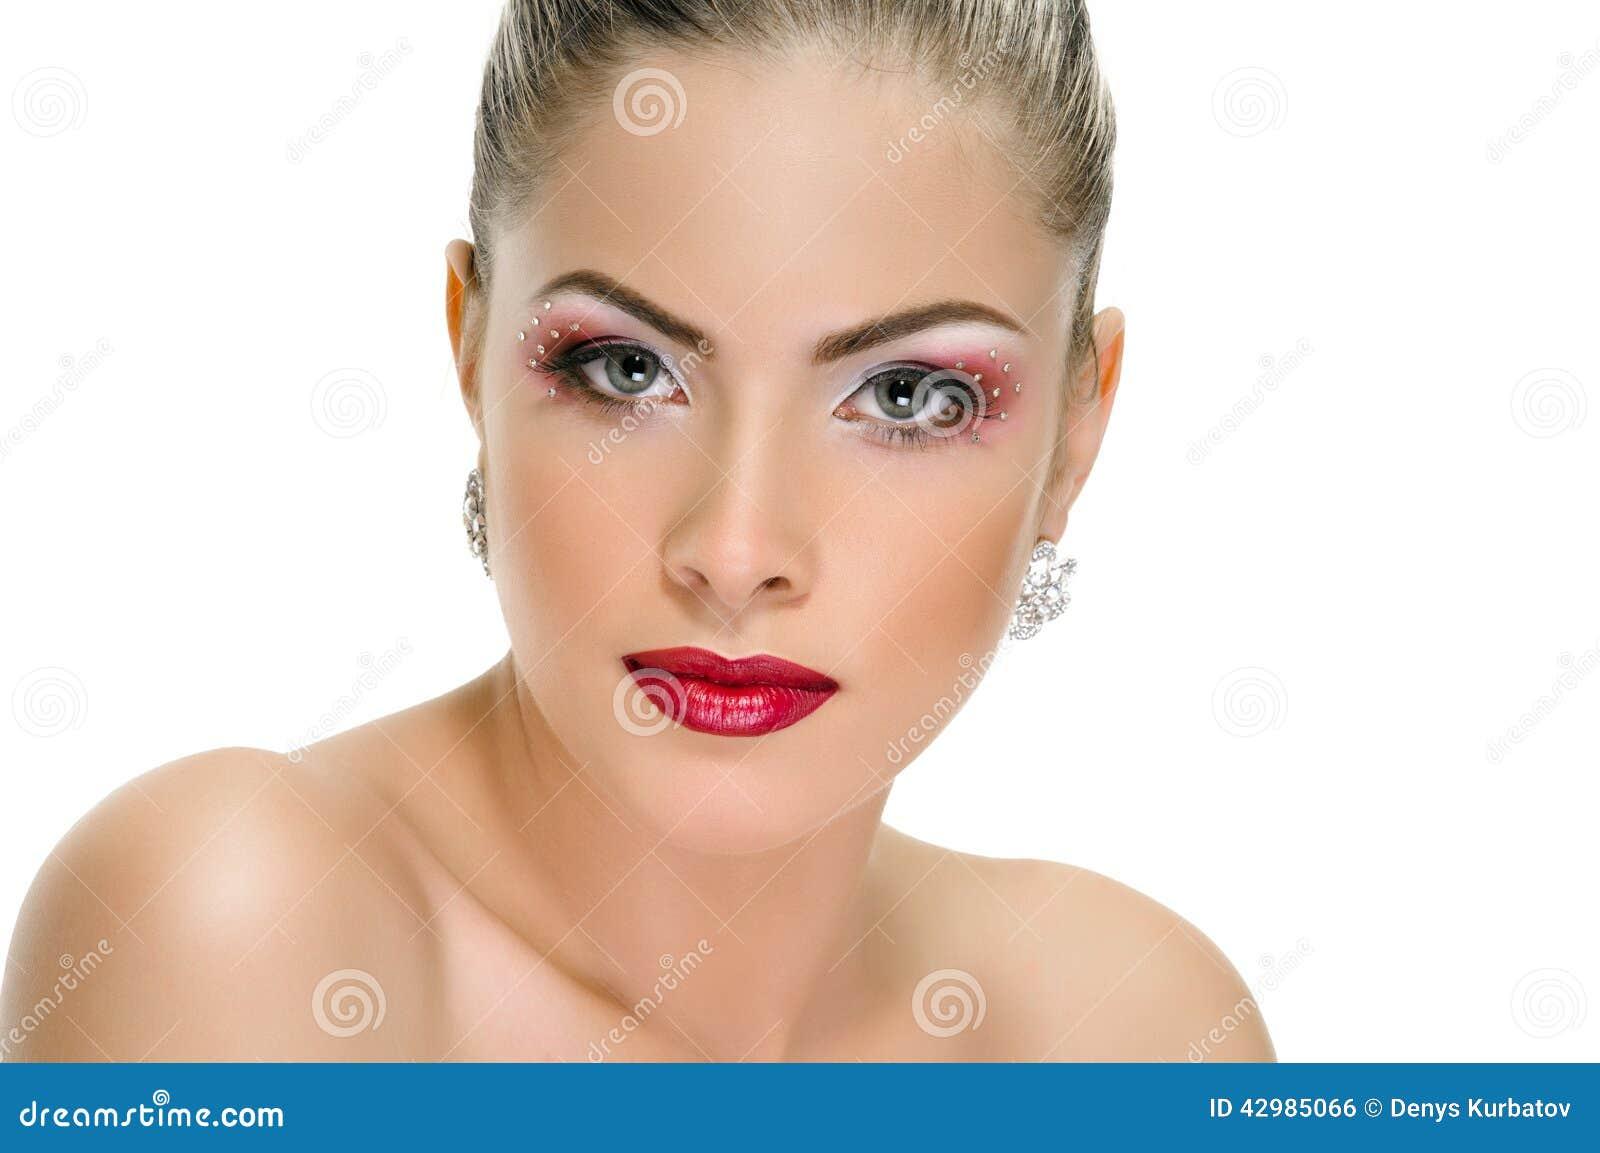 Visage mod le maquillage de l vres boucle d 39 oreille photo stock image 42985066 - Maquillage araignee visage ...